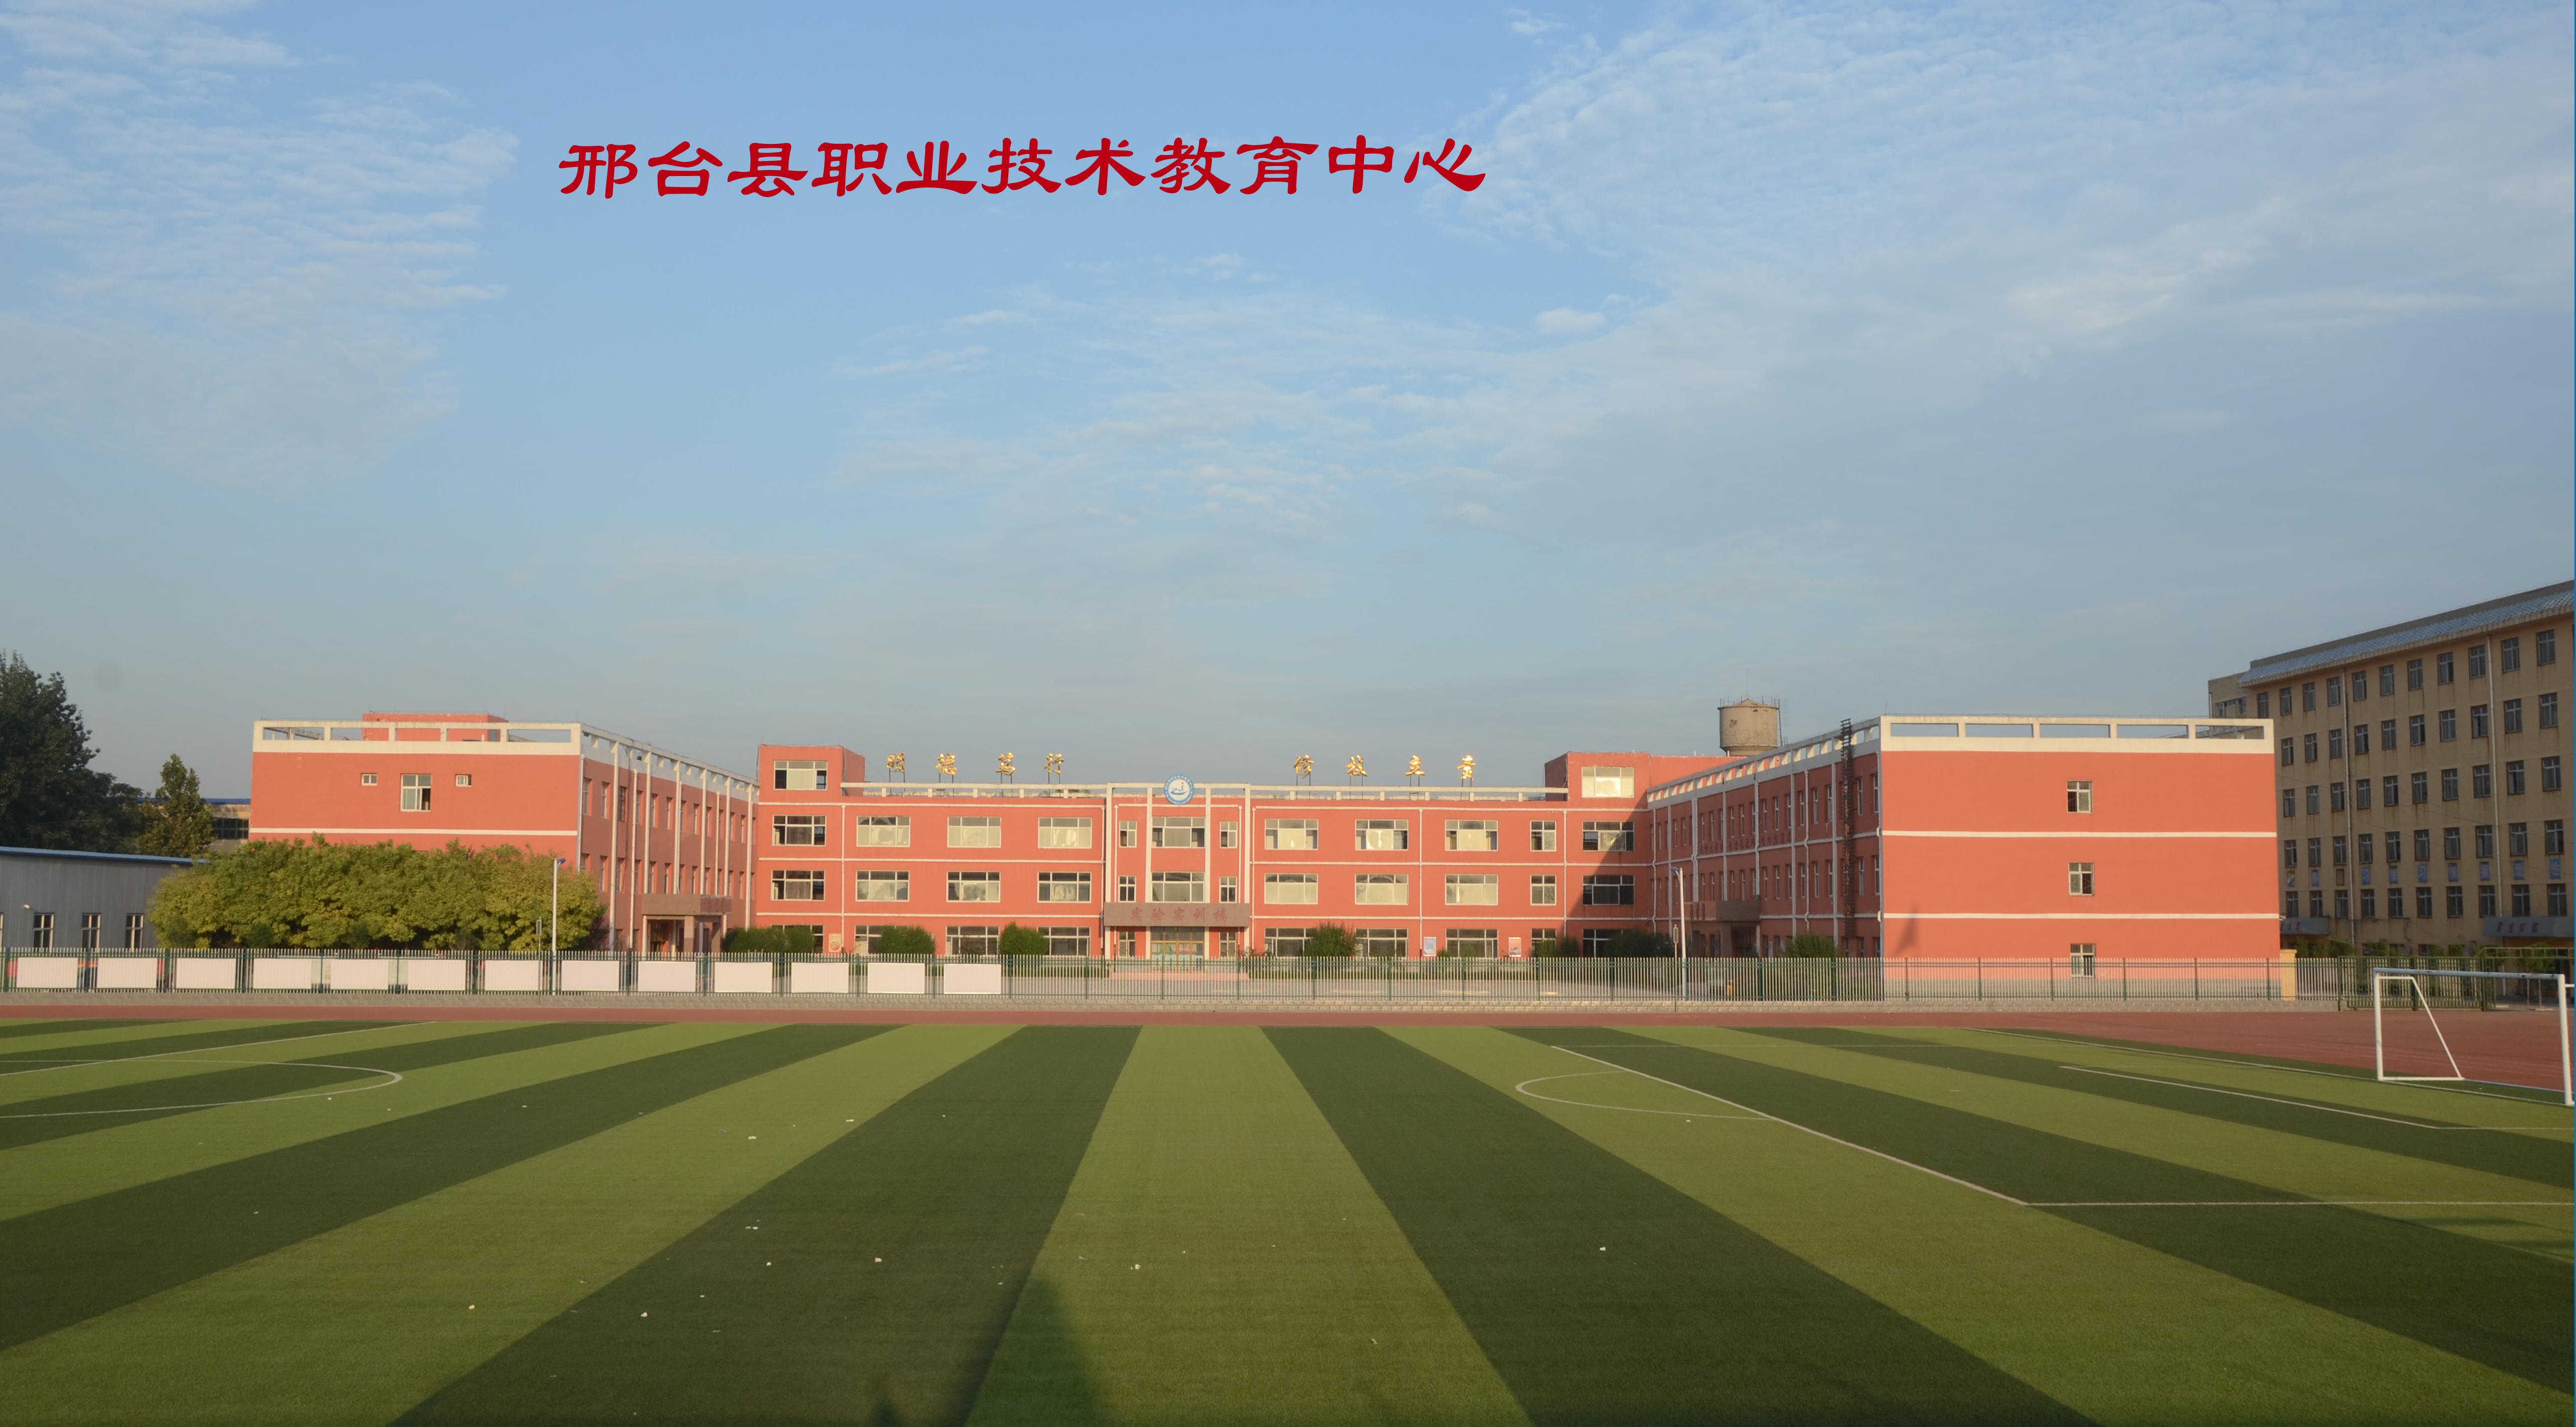 邢台县职教中心简介